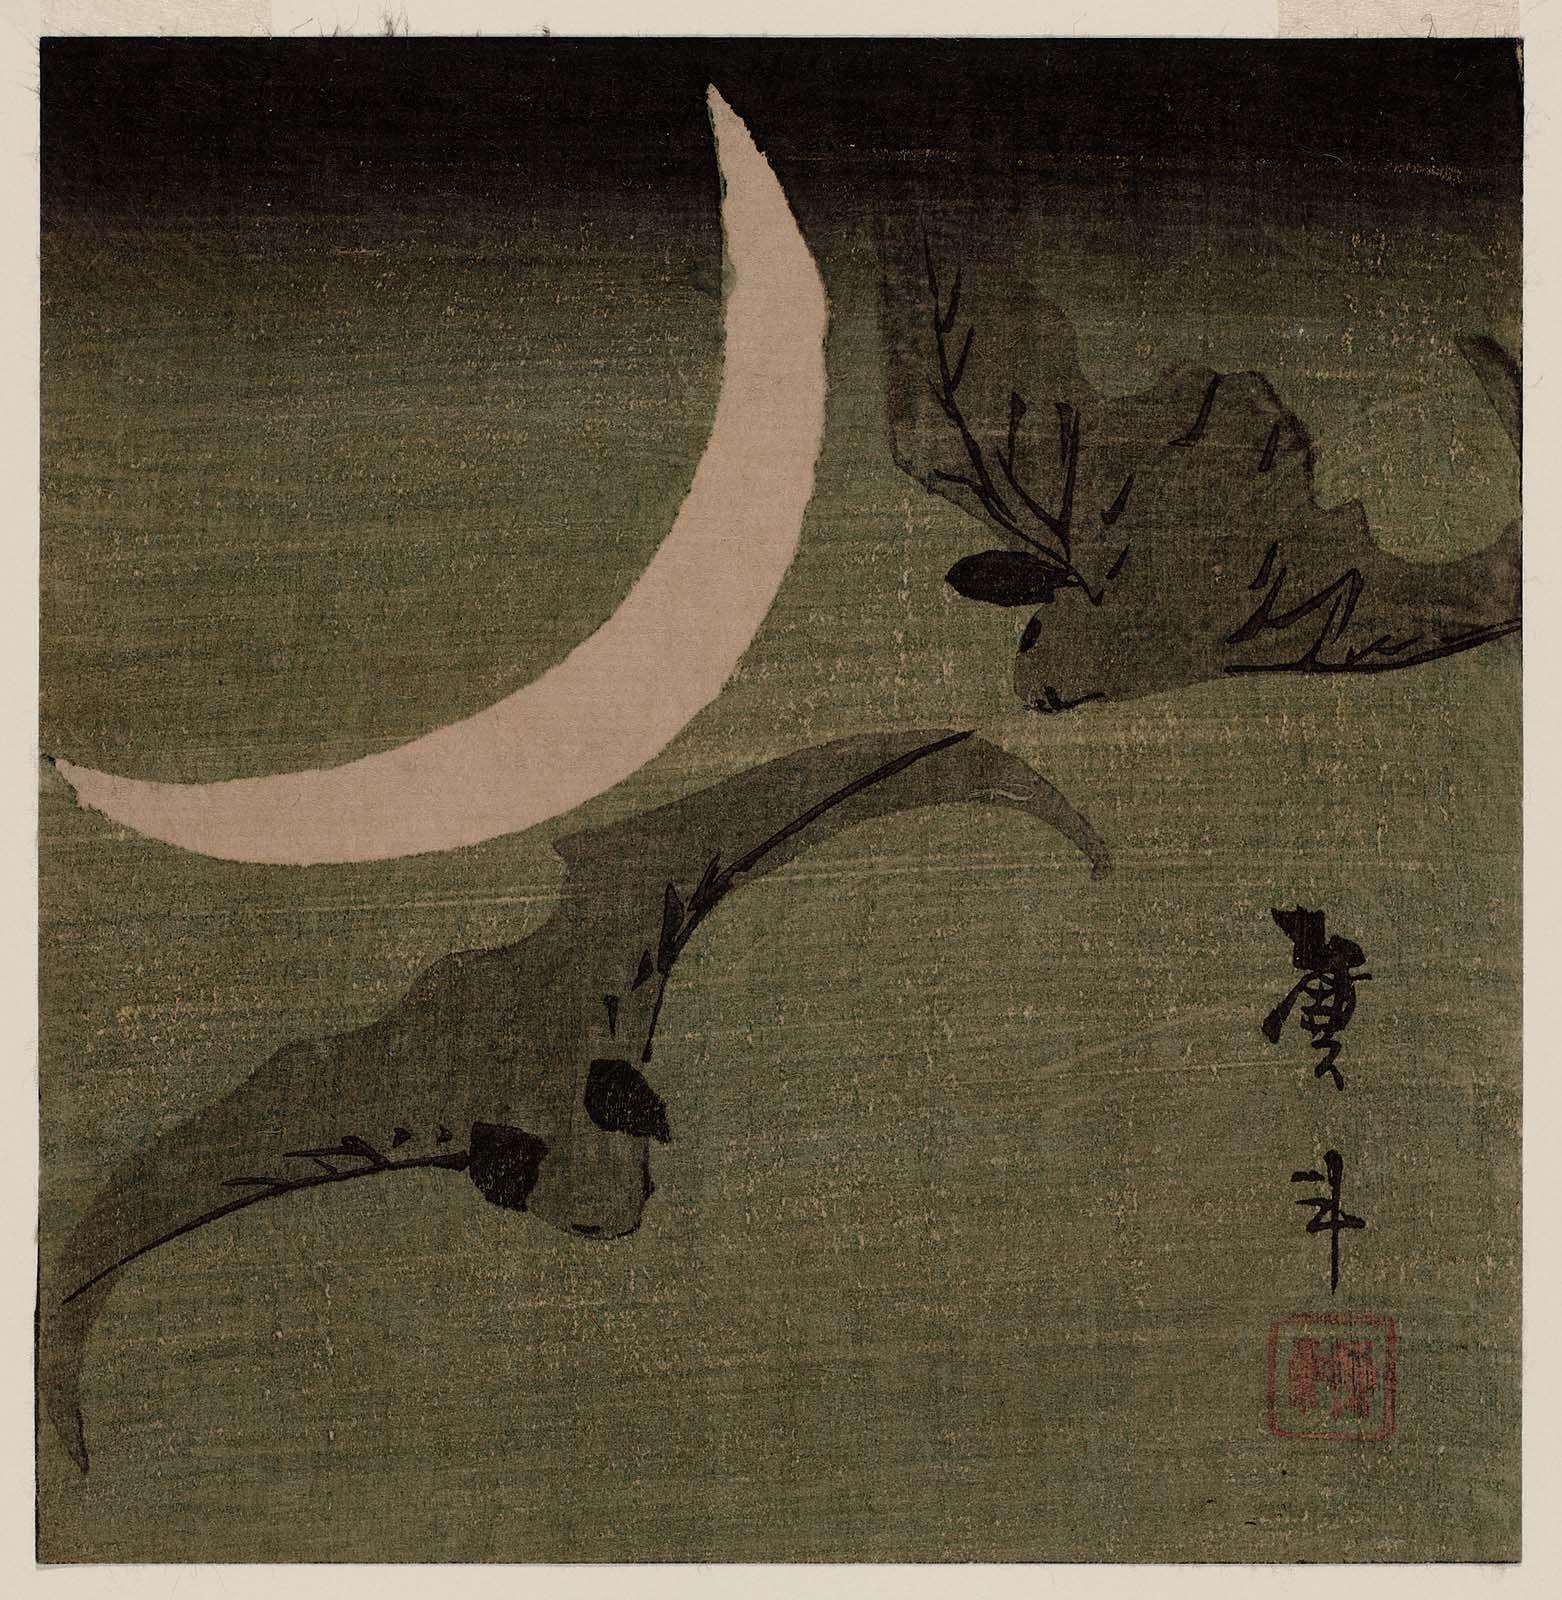 Japanese, Edo period, about 1830–44 (Tenpô era). Artist Katsushika Taito II, Japanese, active about 1810–1853